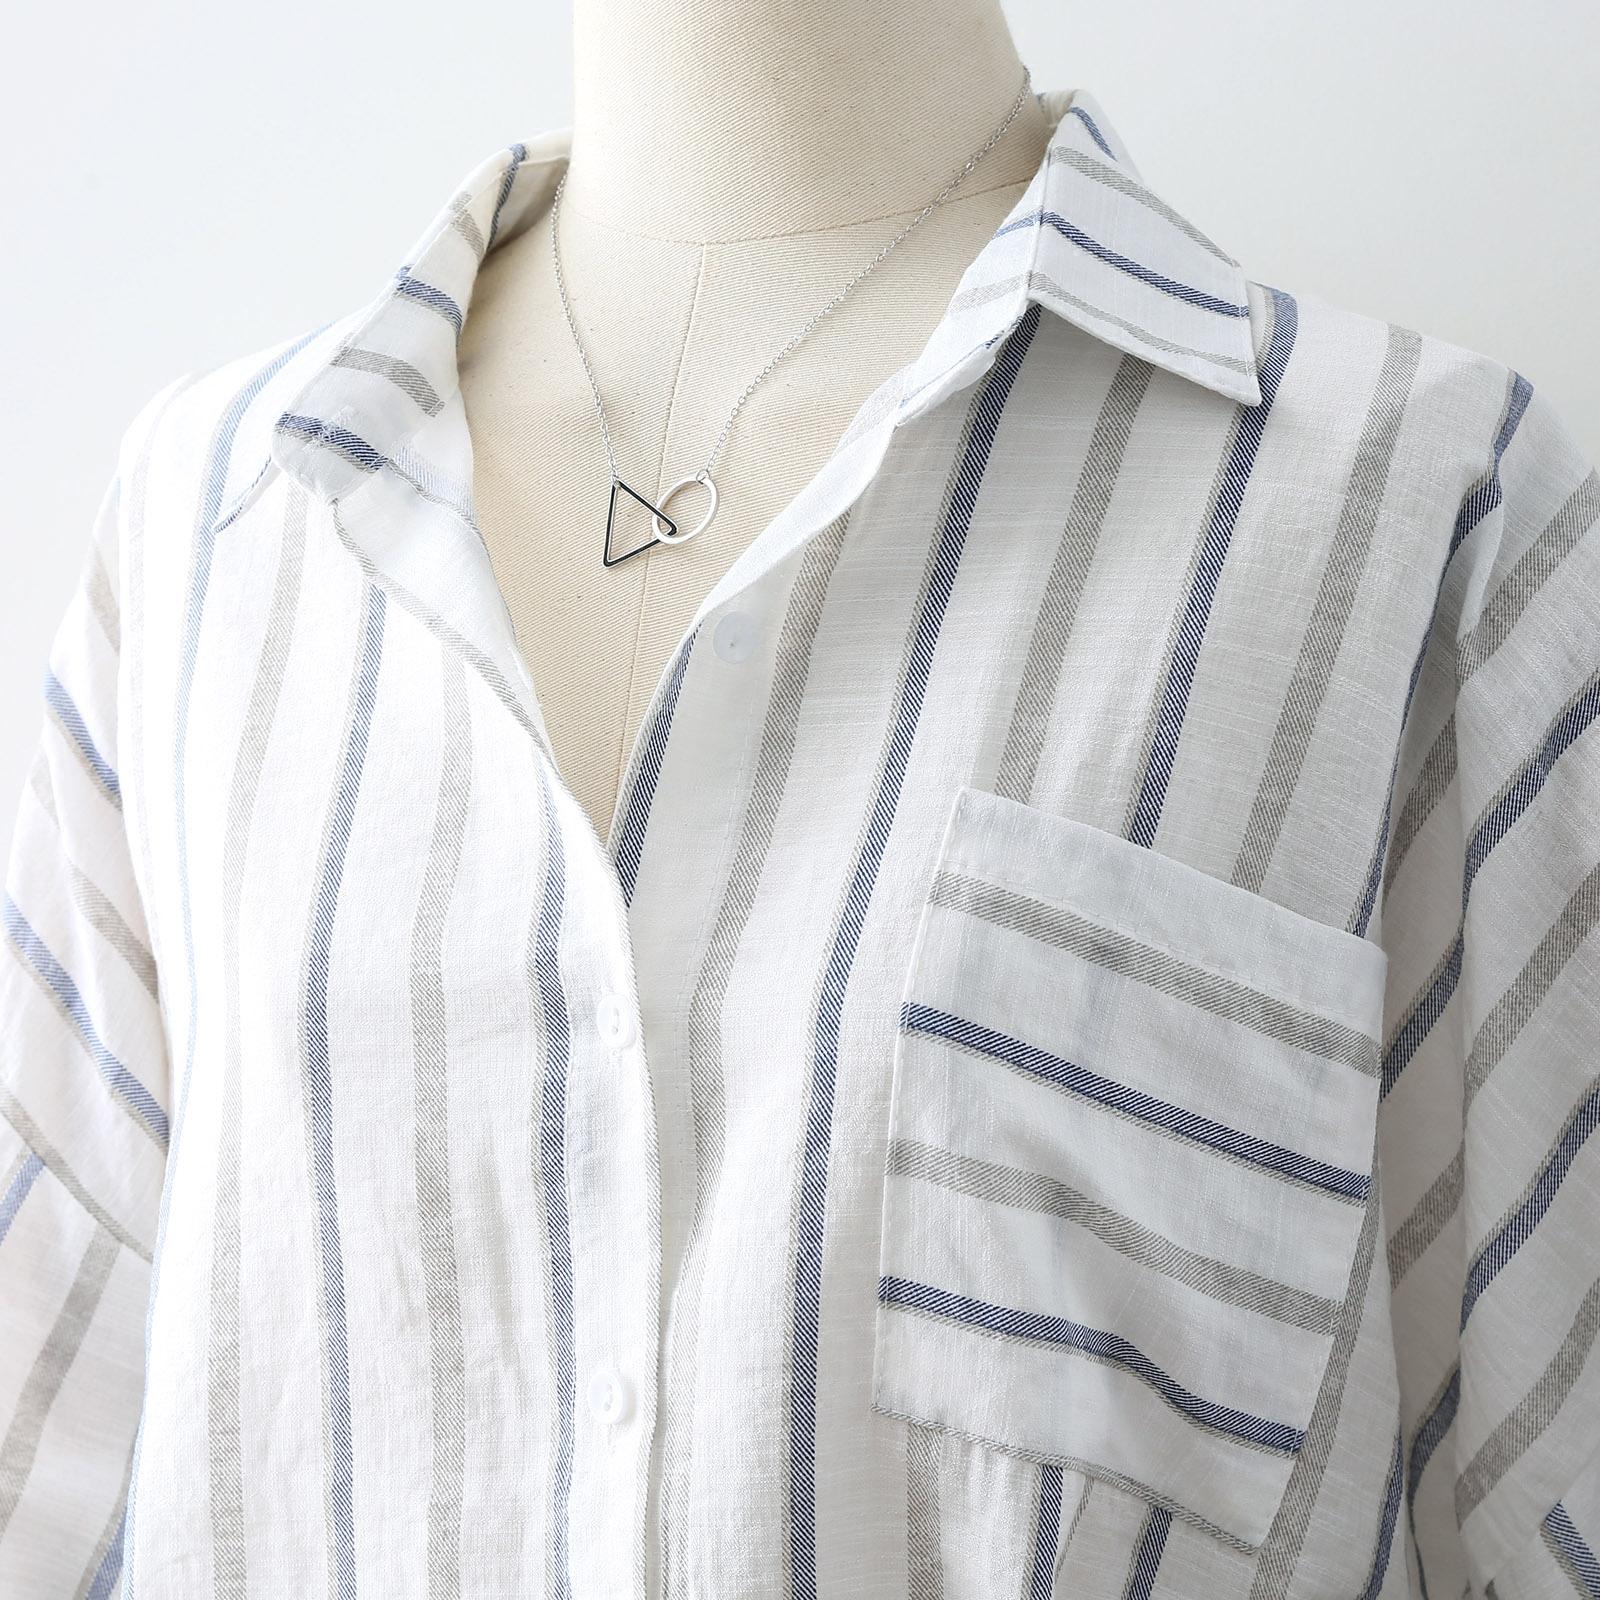 宽松显瘦条纹衬衫女夏半袖韩版常规文艺休闲衬衣棉麻薄款短袖上衣主图